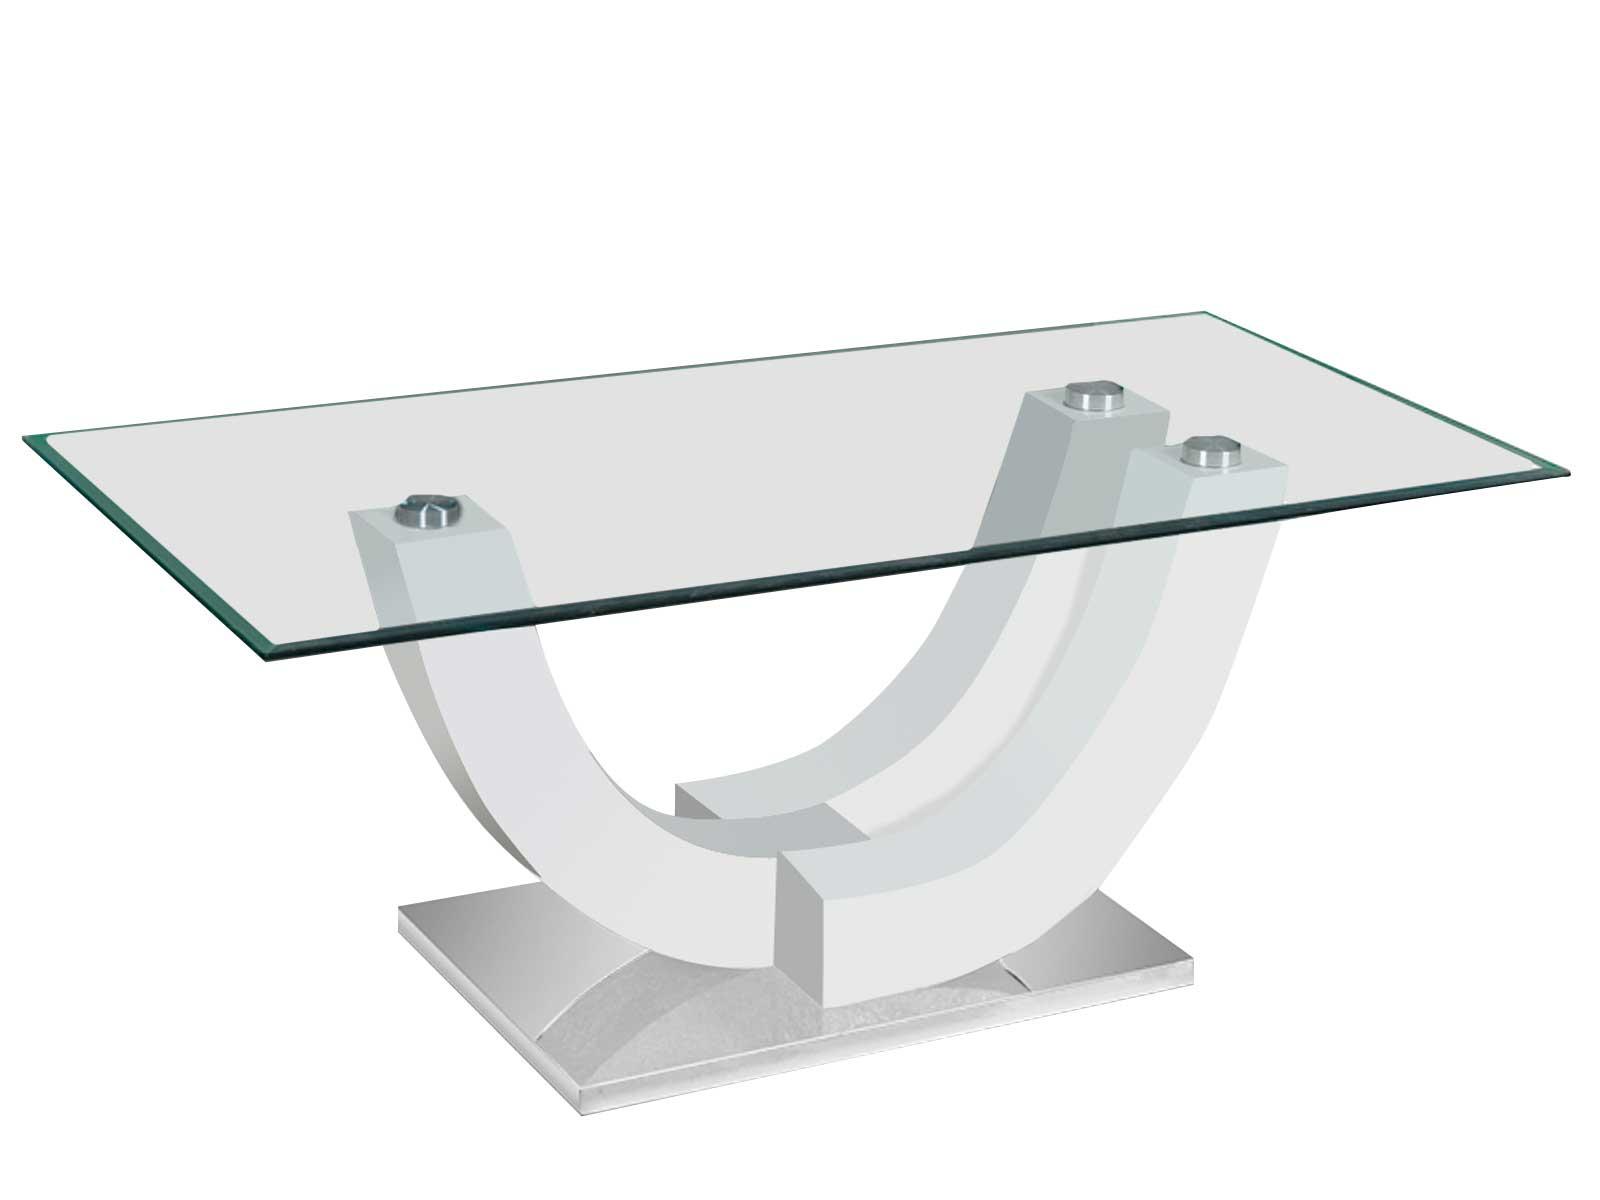 rousseau Table basse Navarro avec plateau en verre - blanc brillant